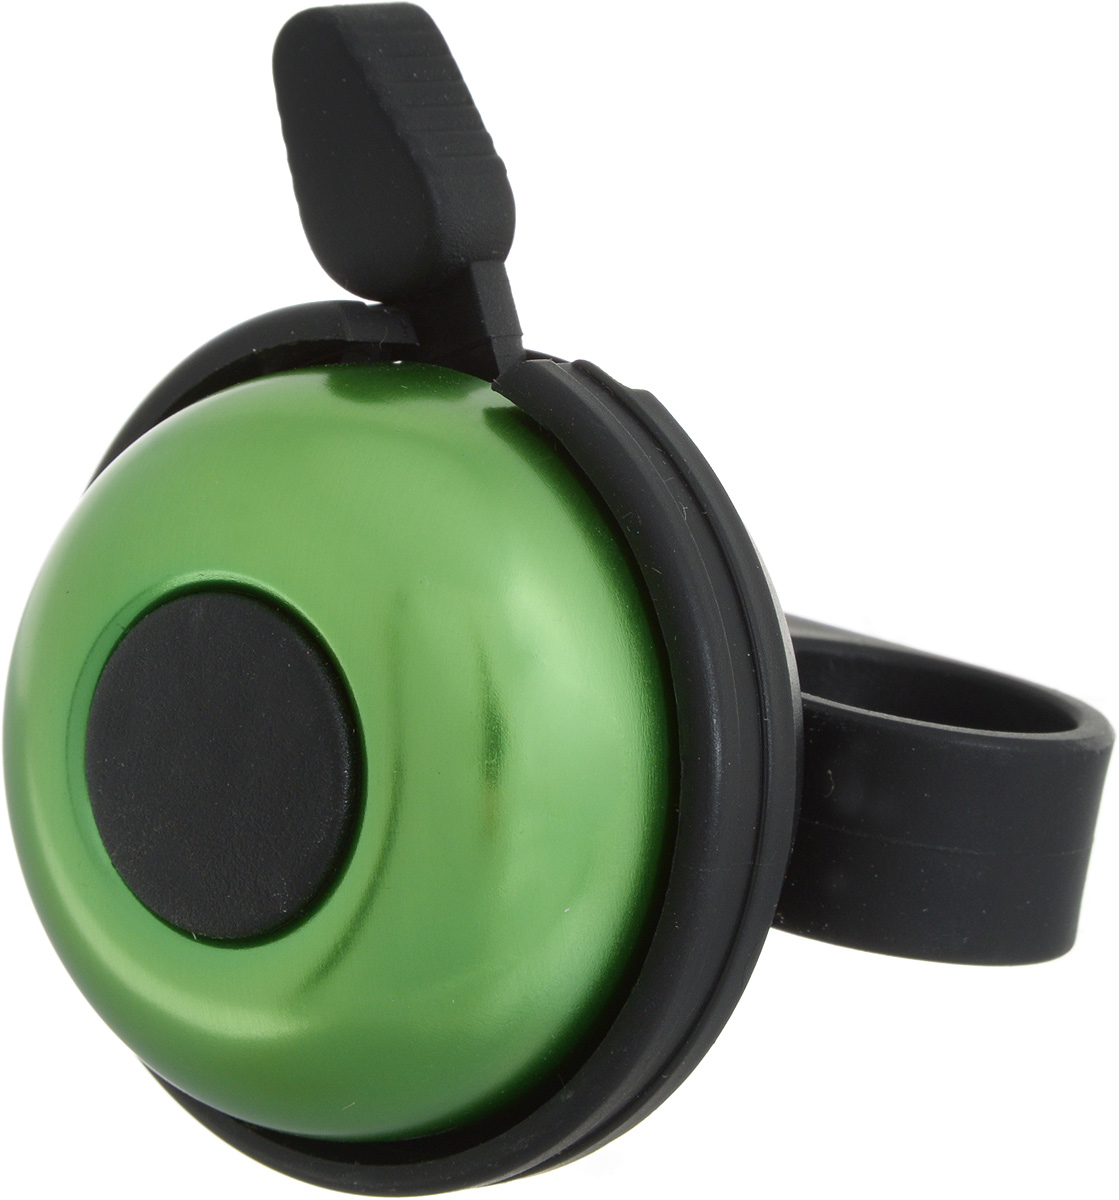 """Звонок """"Stern"""" изготовлен из металла и пластика. Изделие крепится на руль велосипеда и позволяет привлечь внимание в опасных ситуациях. Оригинальный звонок сделает вашу езду безопасной. Диаметр звонка: 5 см."""